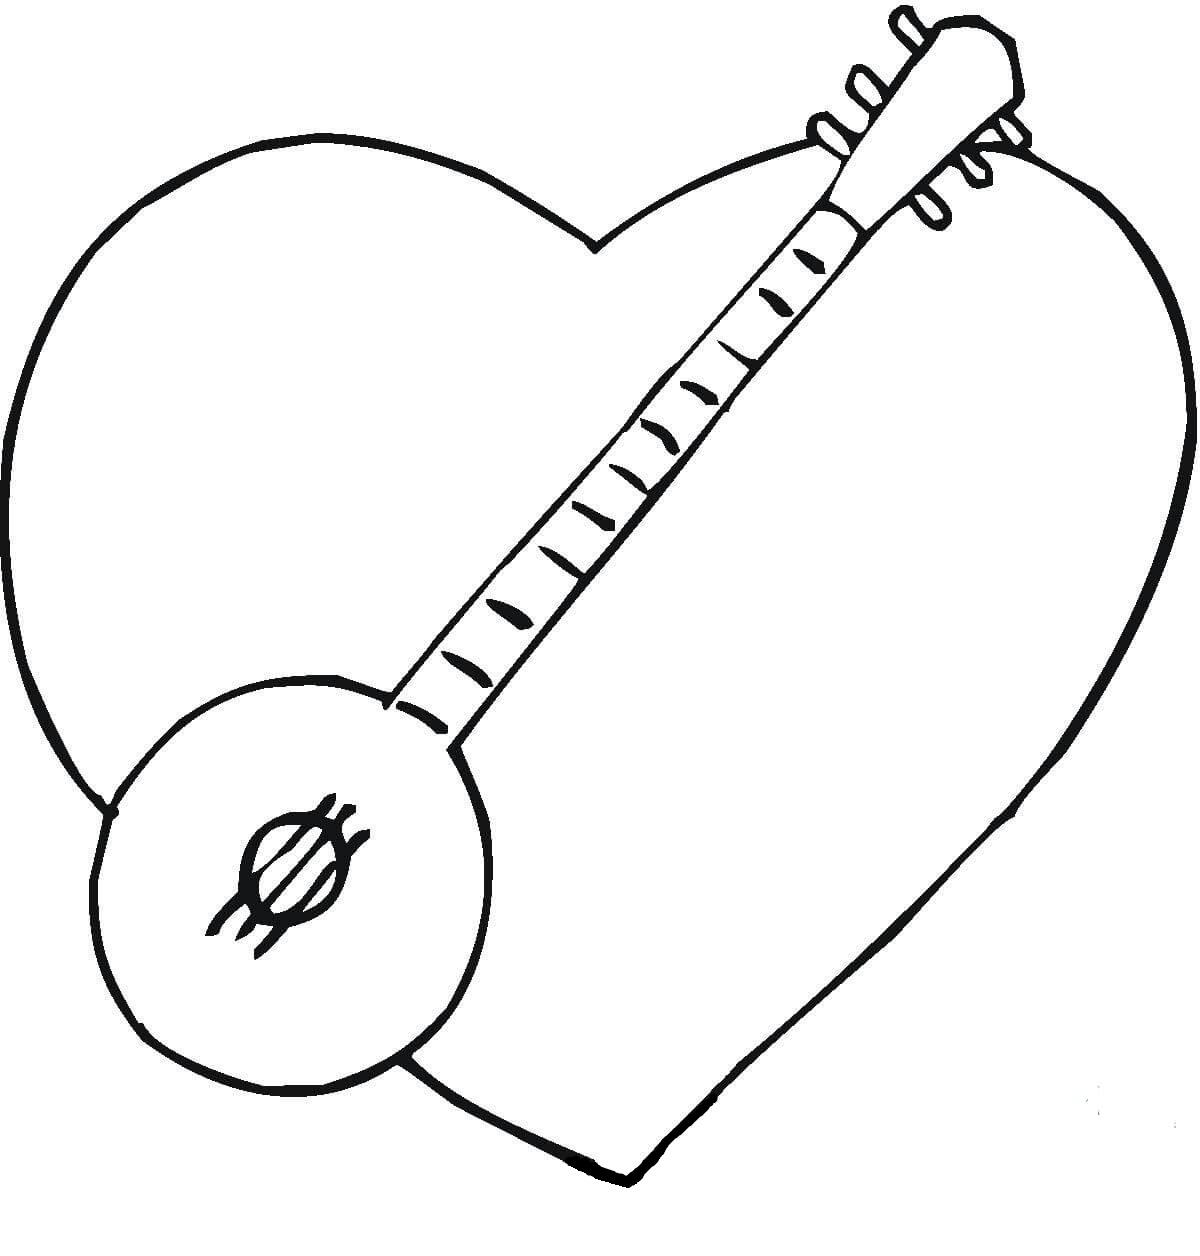 Love Banjo